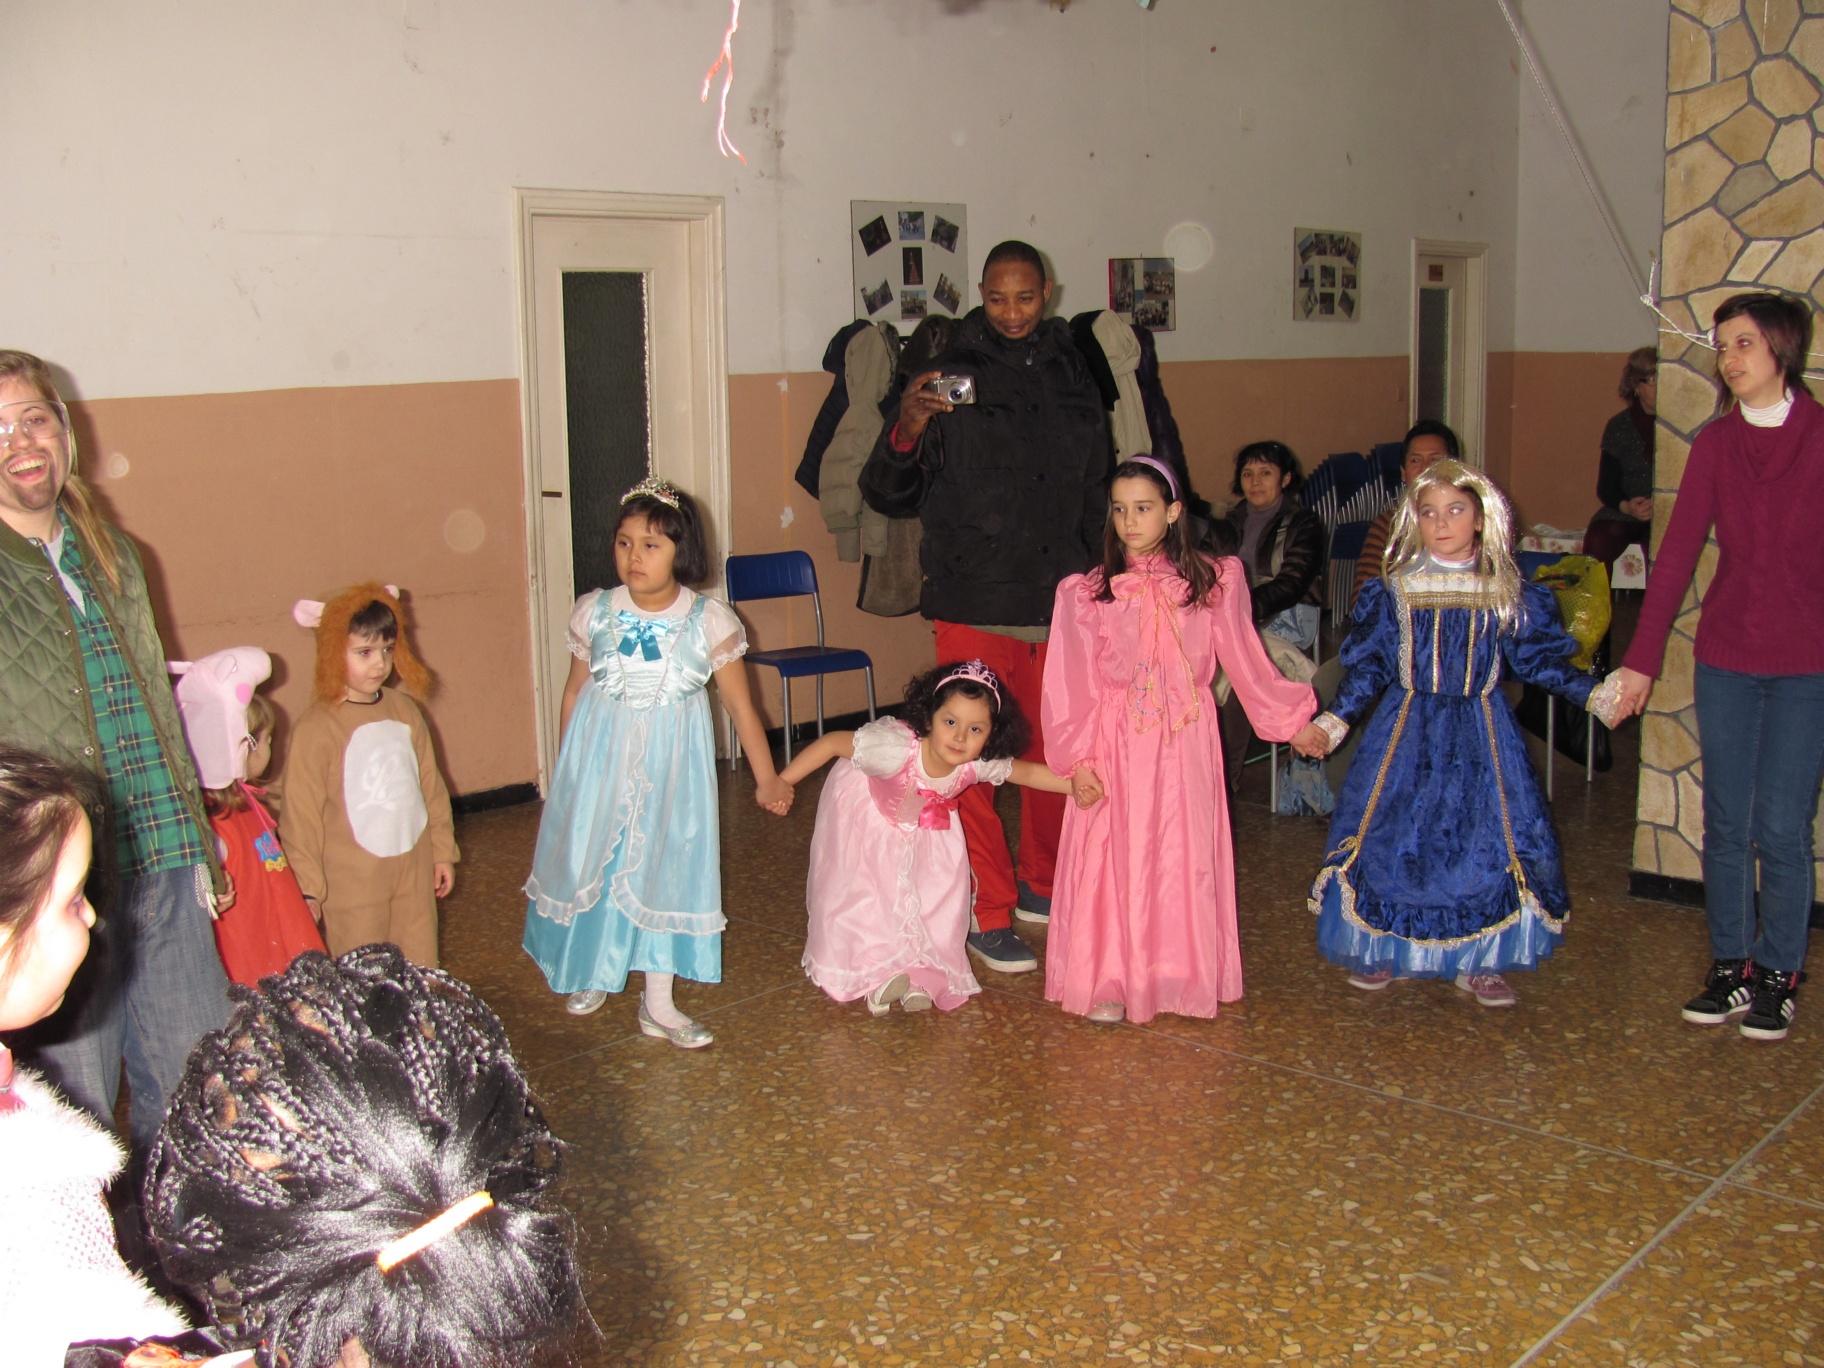 pentolaccia_2013-02-09-16-09-38